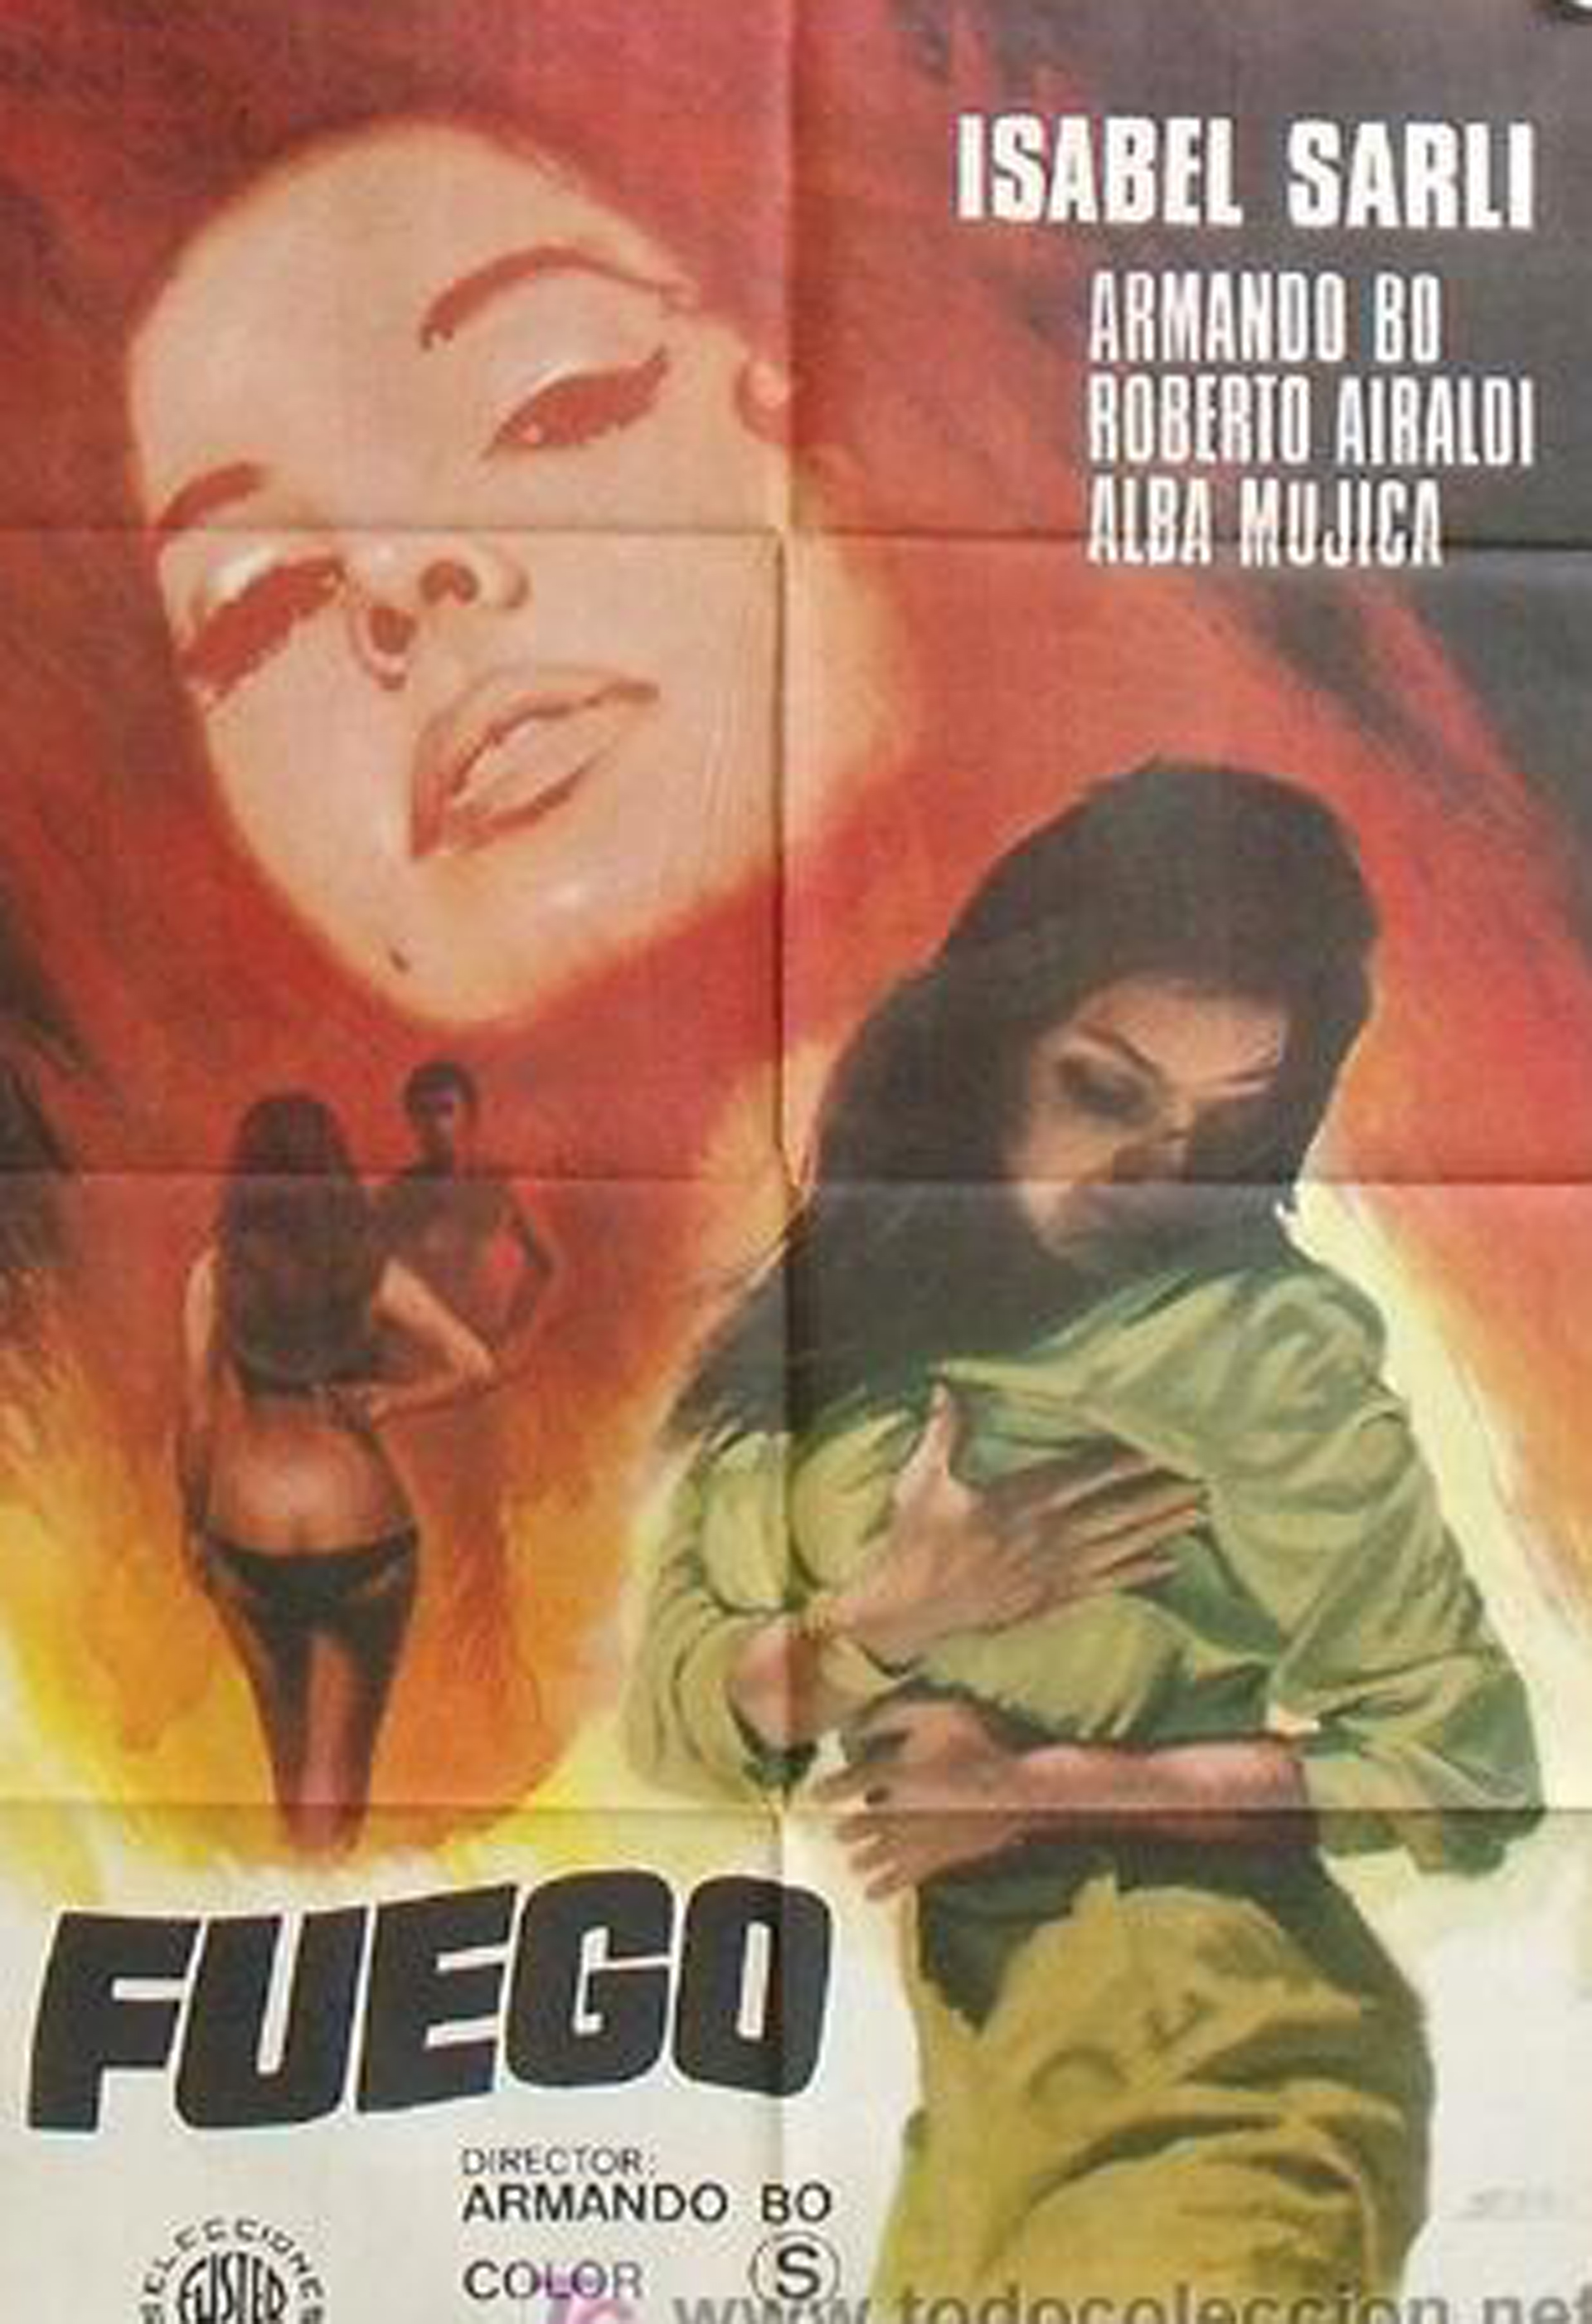 Fuego se estrenó en 1969 t en parte se filmó en Nueva York